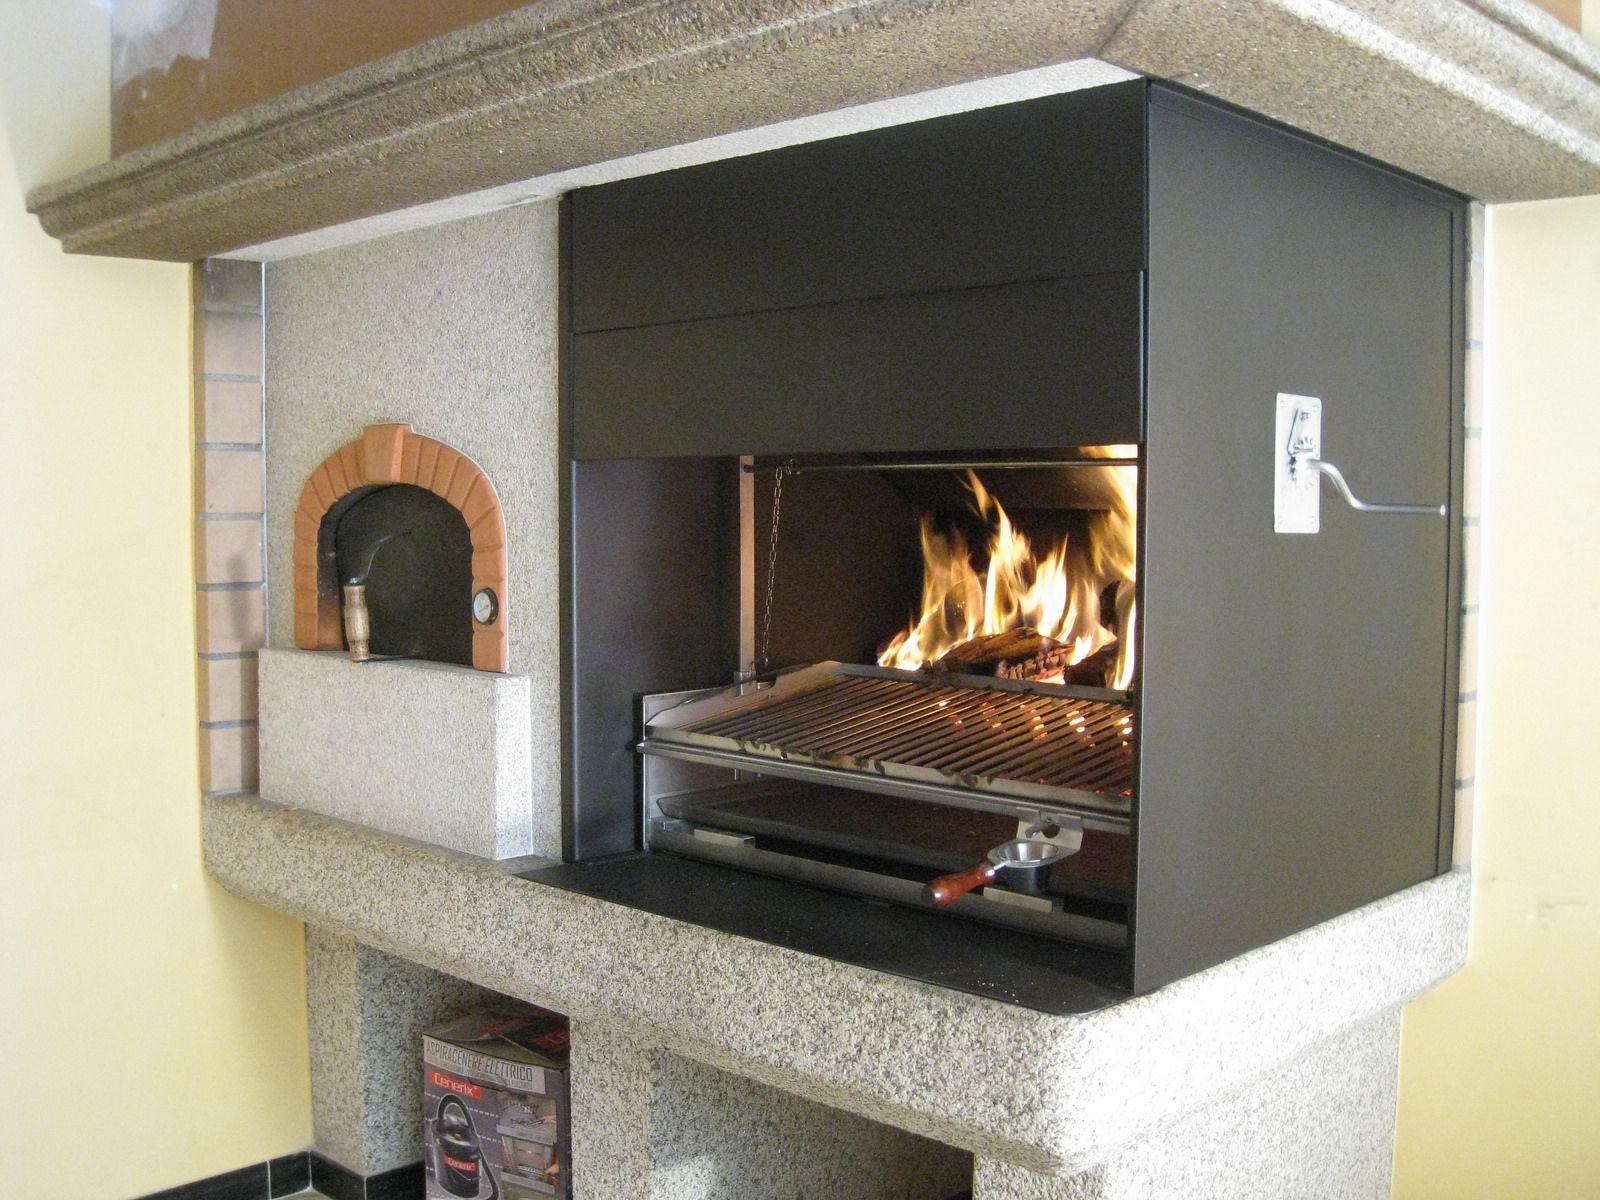 Horno punto alfapizza barbacoa kitchens and fire pit grill - Barbacoa de obra ...